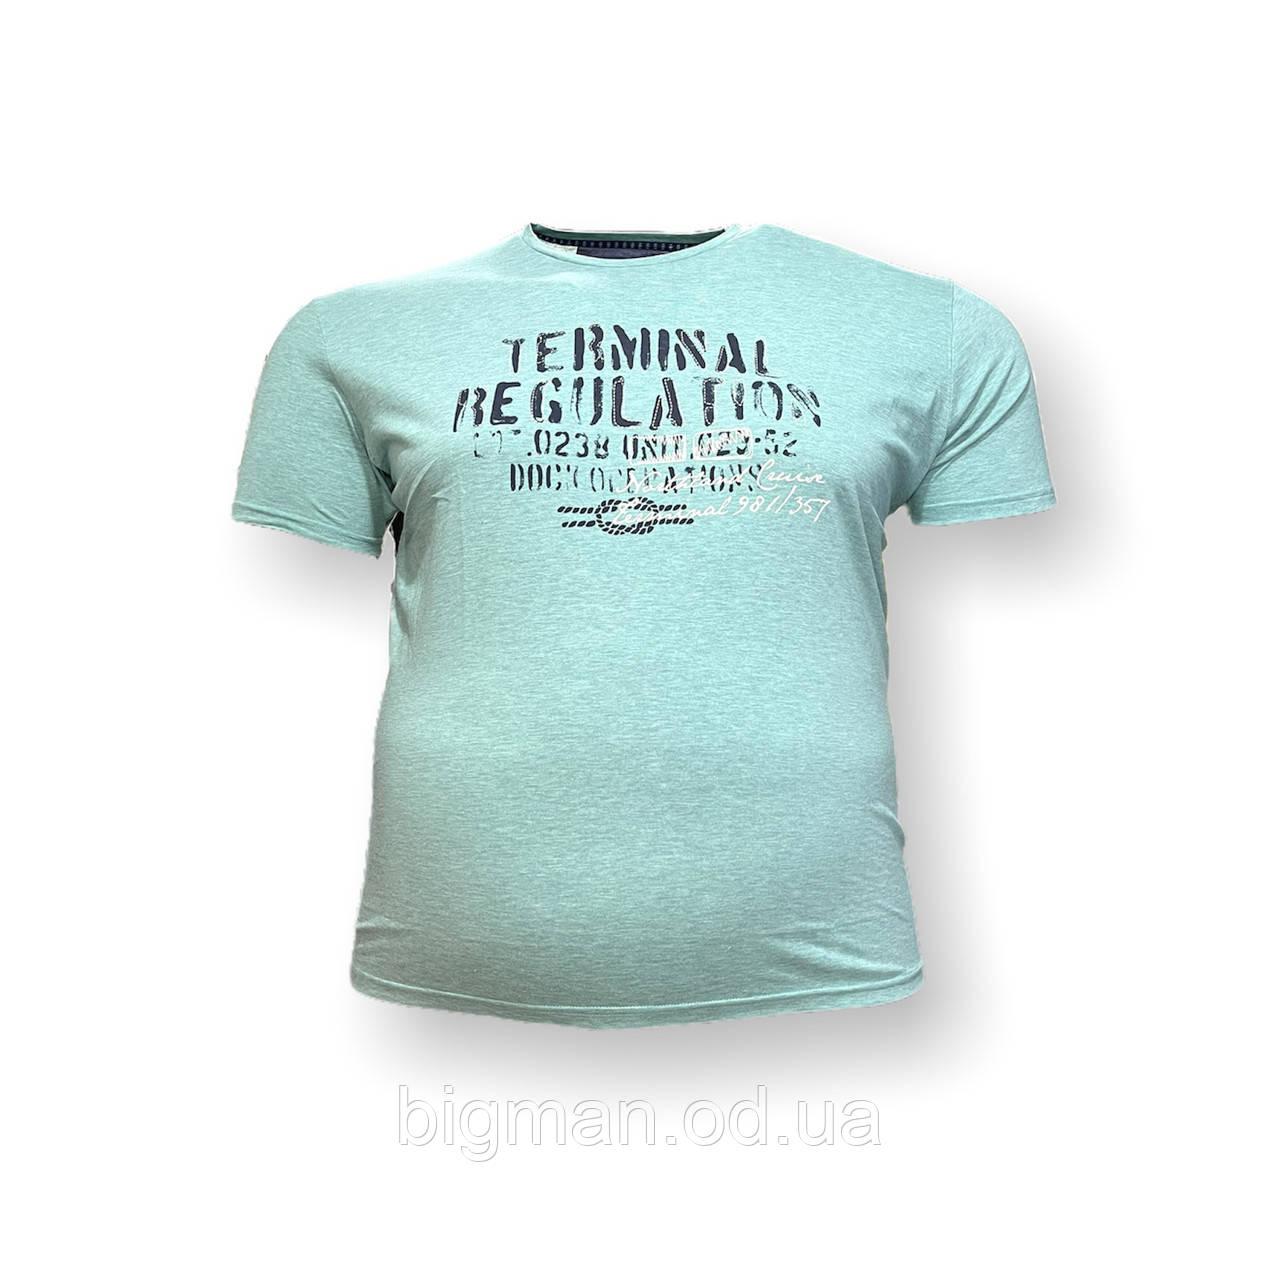 Чоловіча батальна футболка Monte Carlo 12092 3XL 4XL 5XL 6XL 7XL бірюзовий великі розміри Туреччина